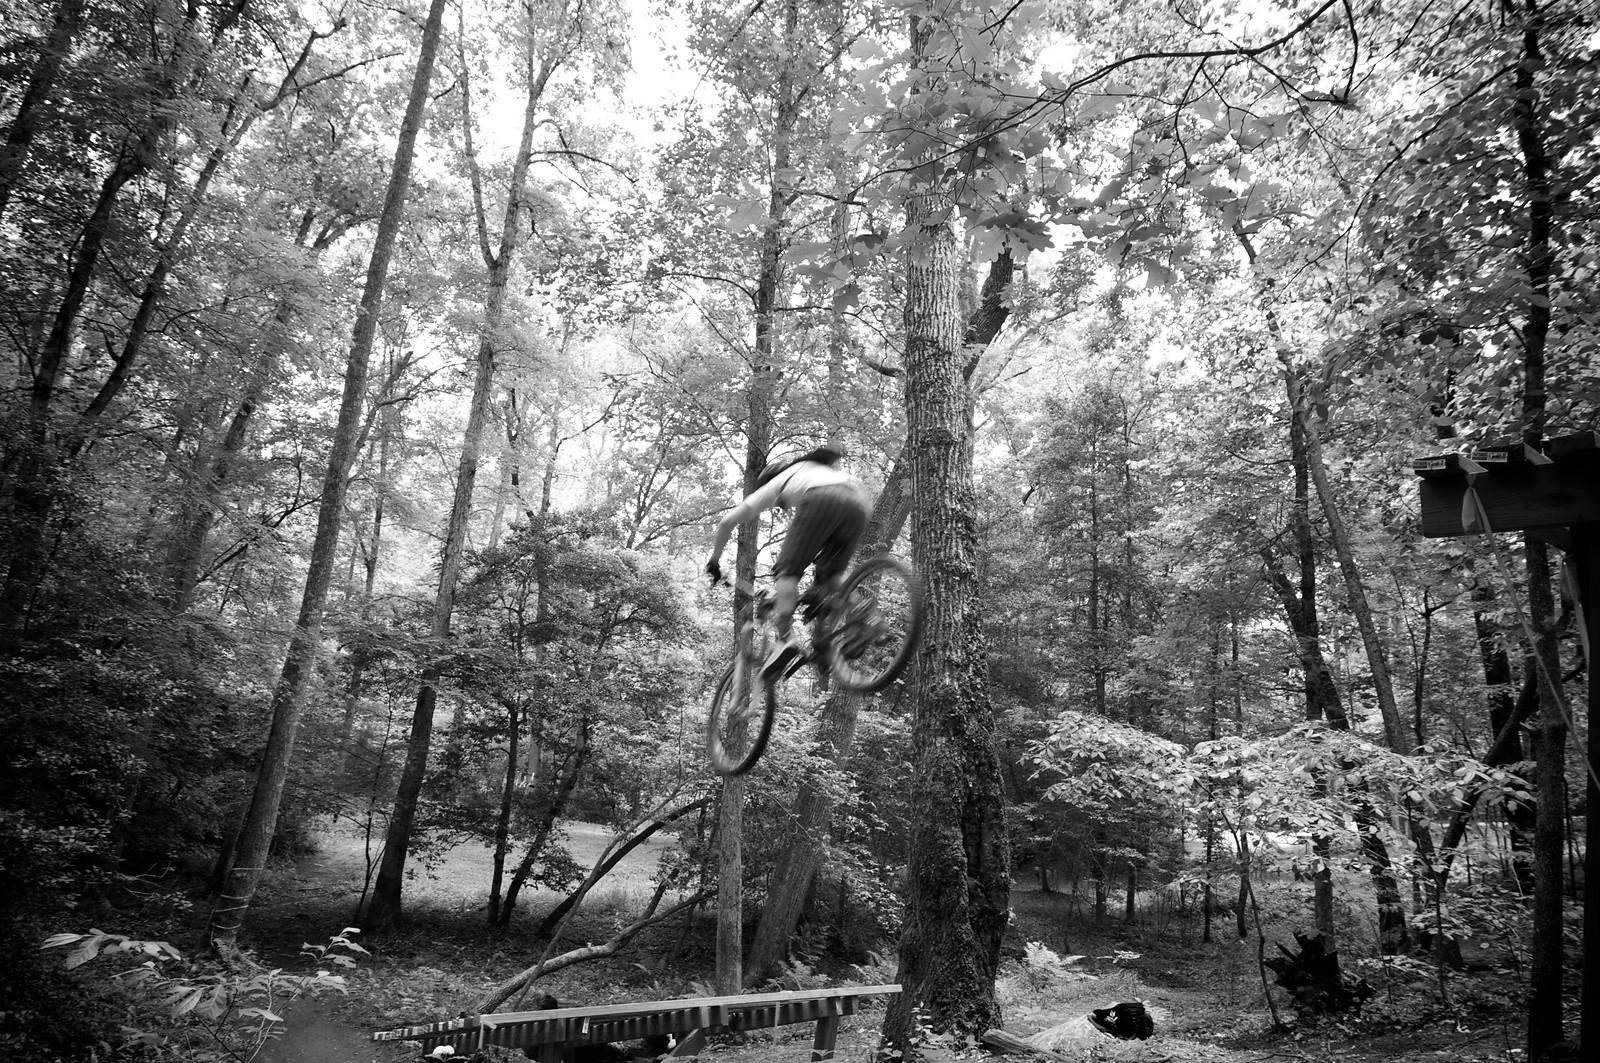 DSC 0375 - b-lec - Mountain Biking Pictures - Vital MTB